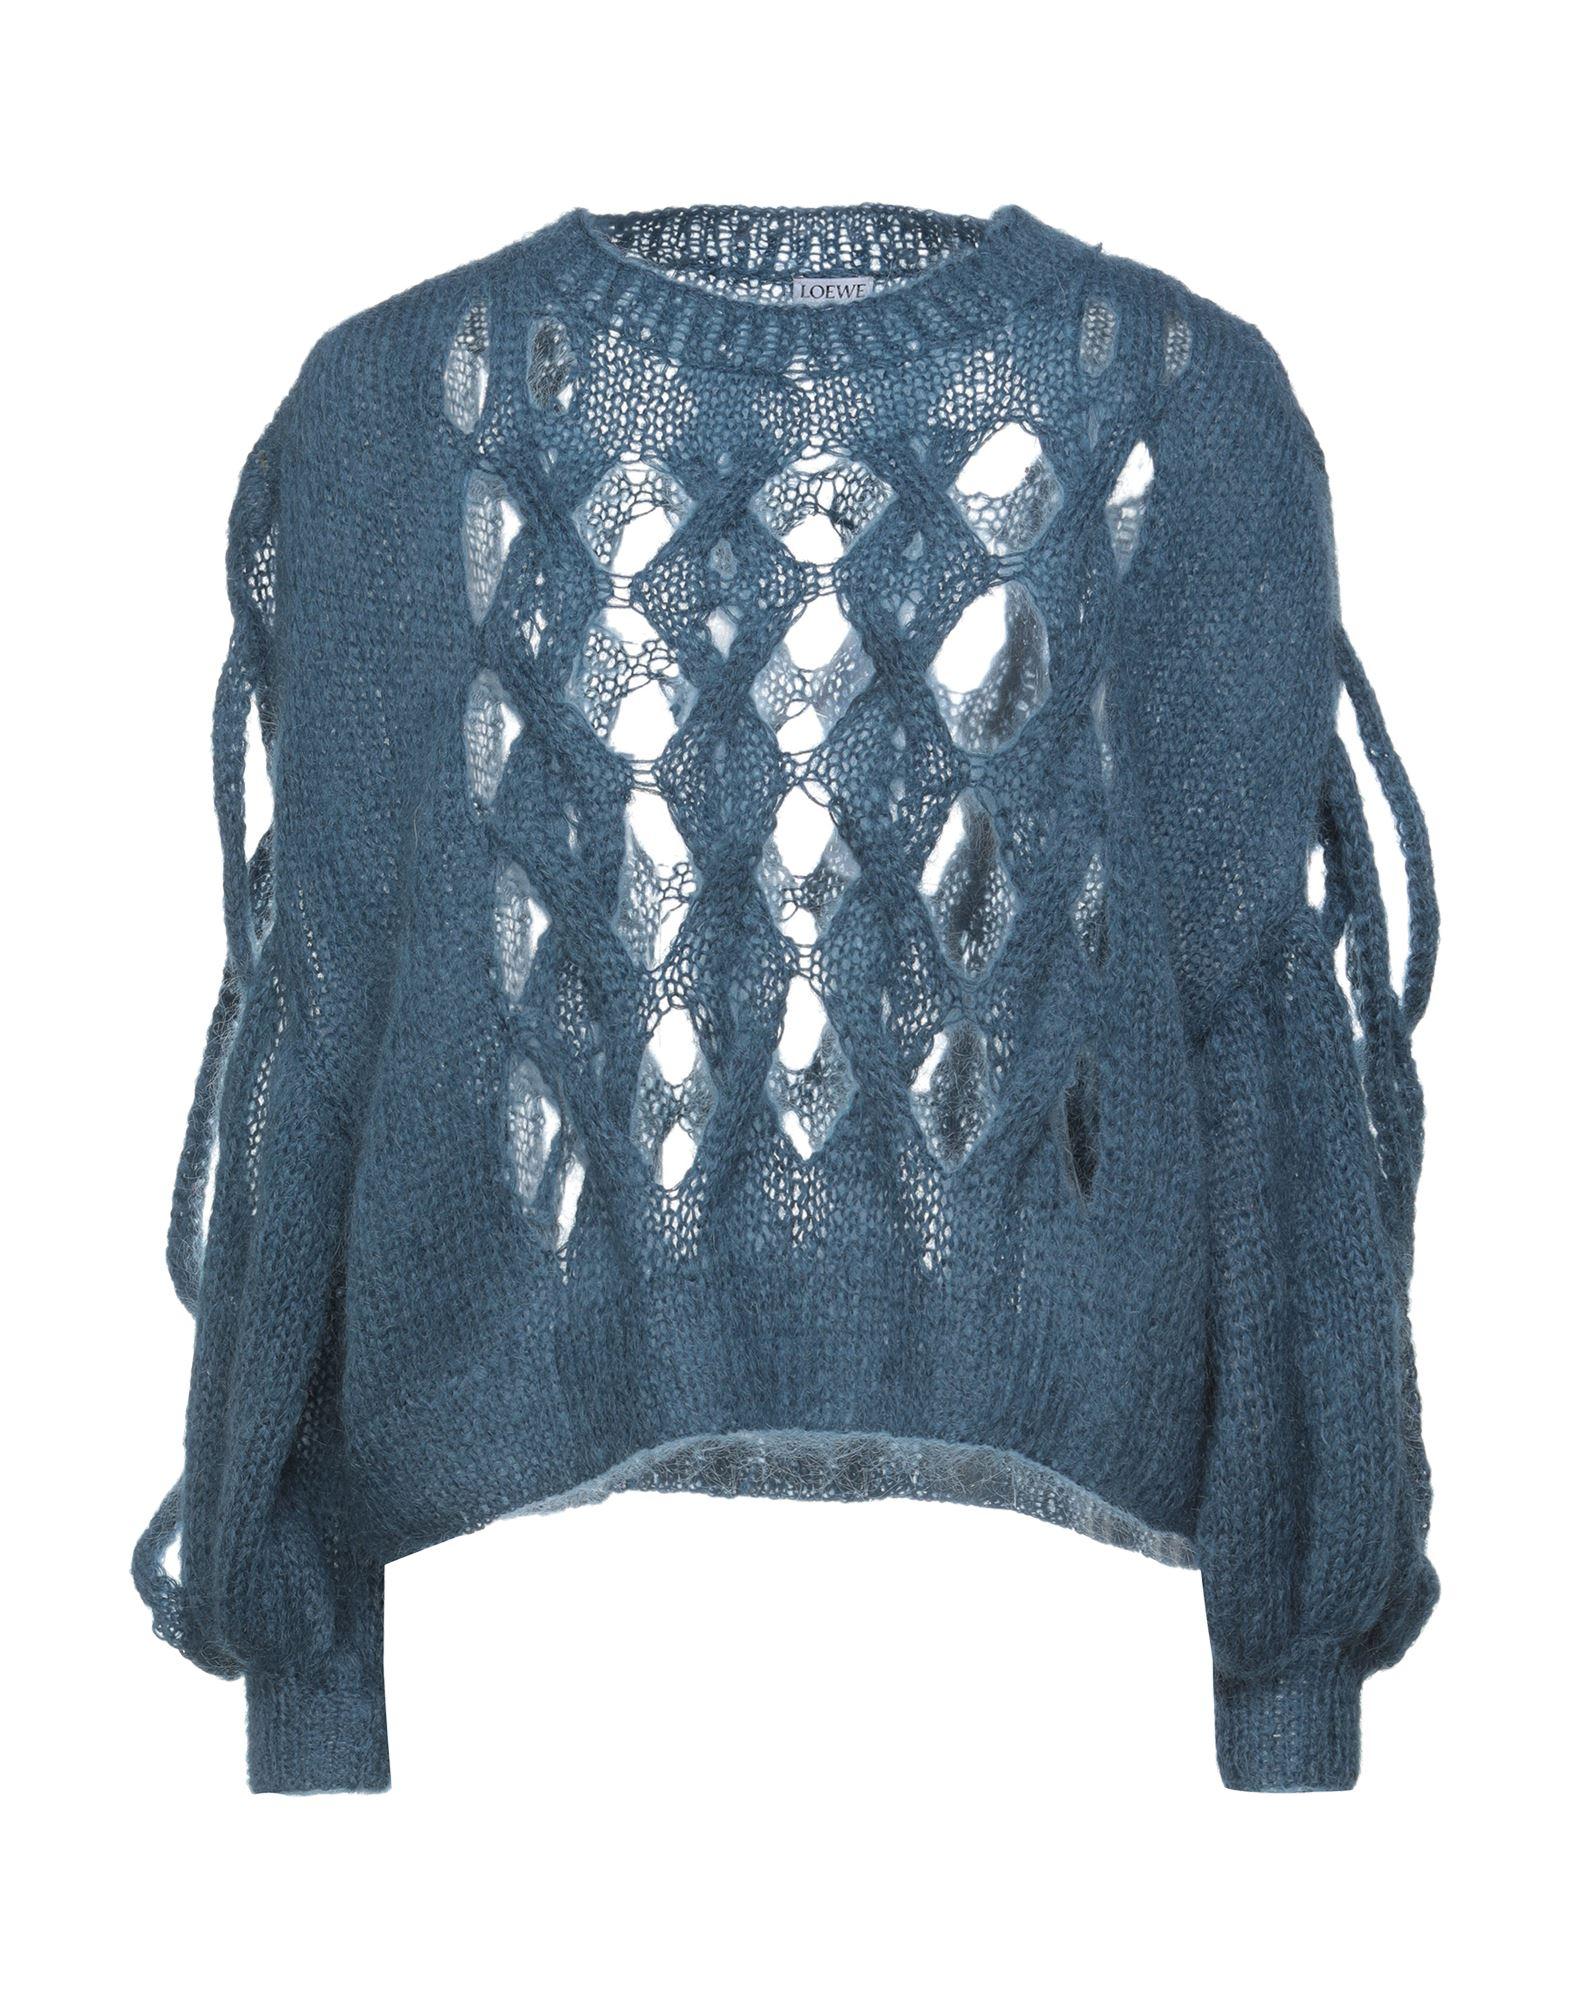 LOEWE Sweaters - Item 14133624